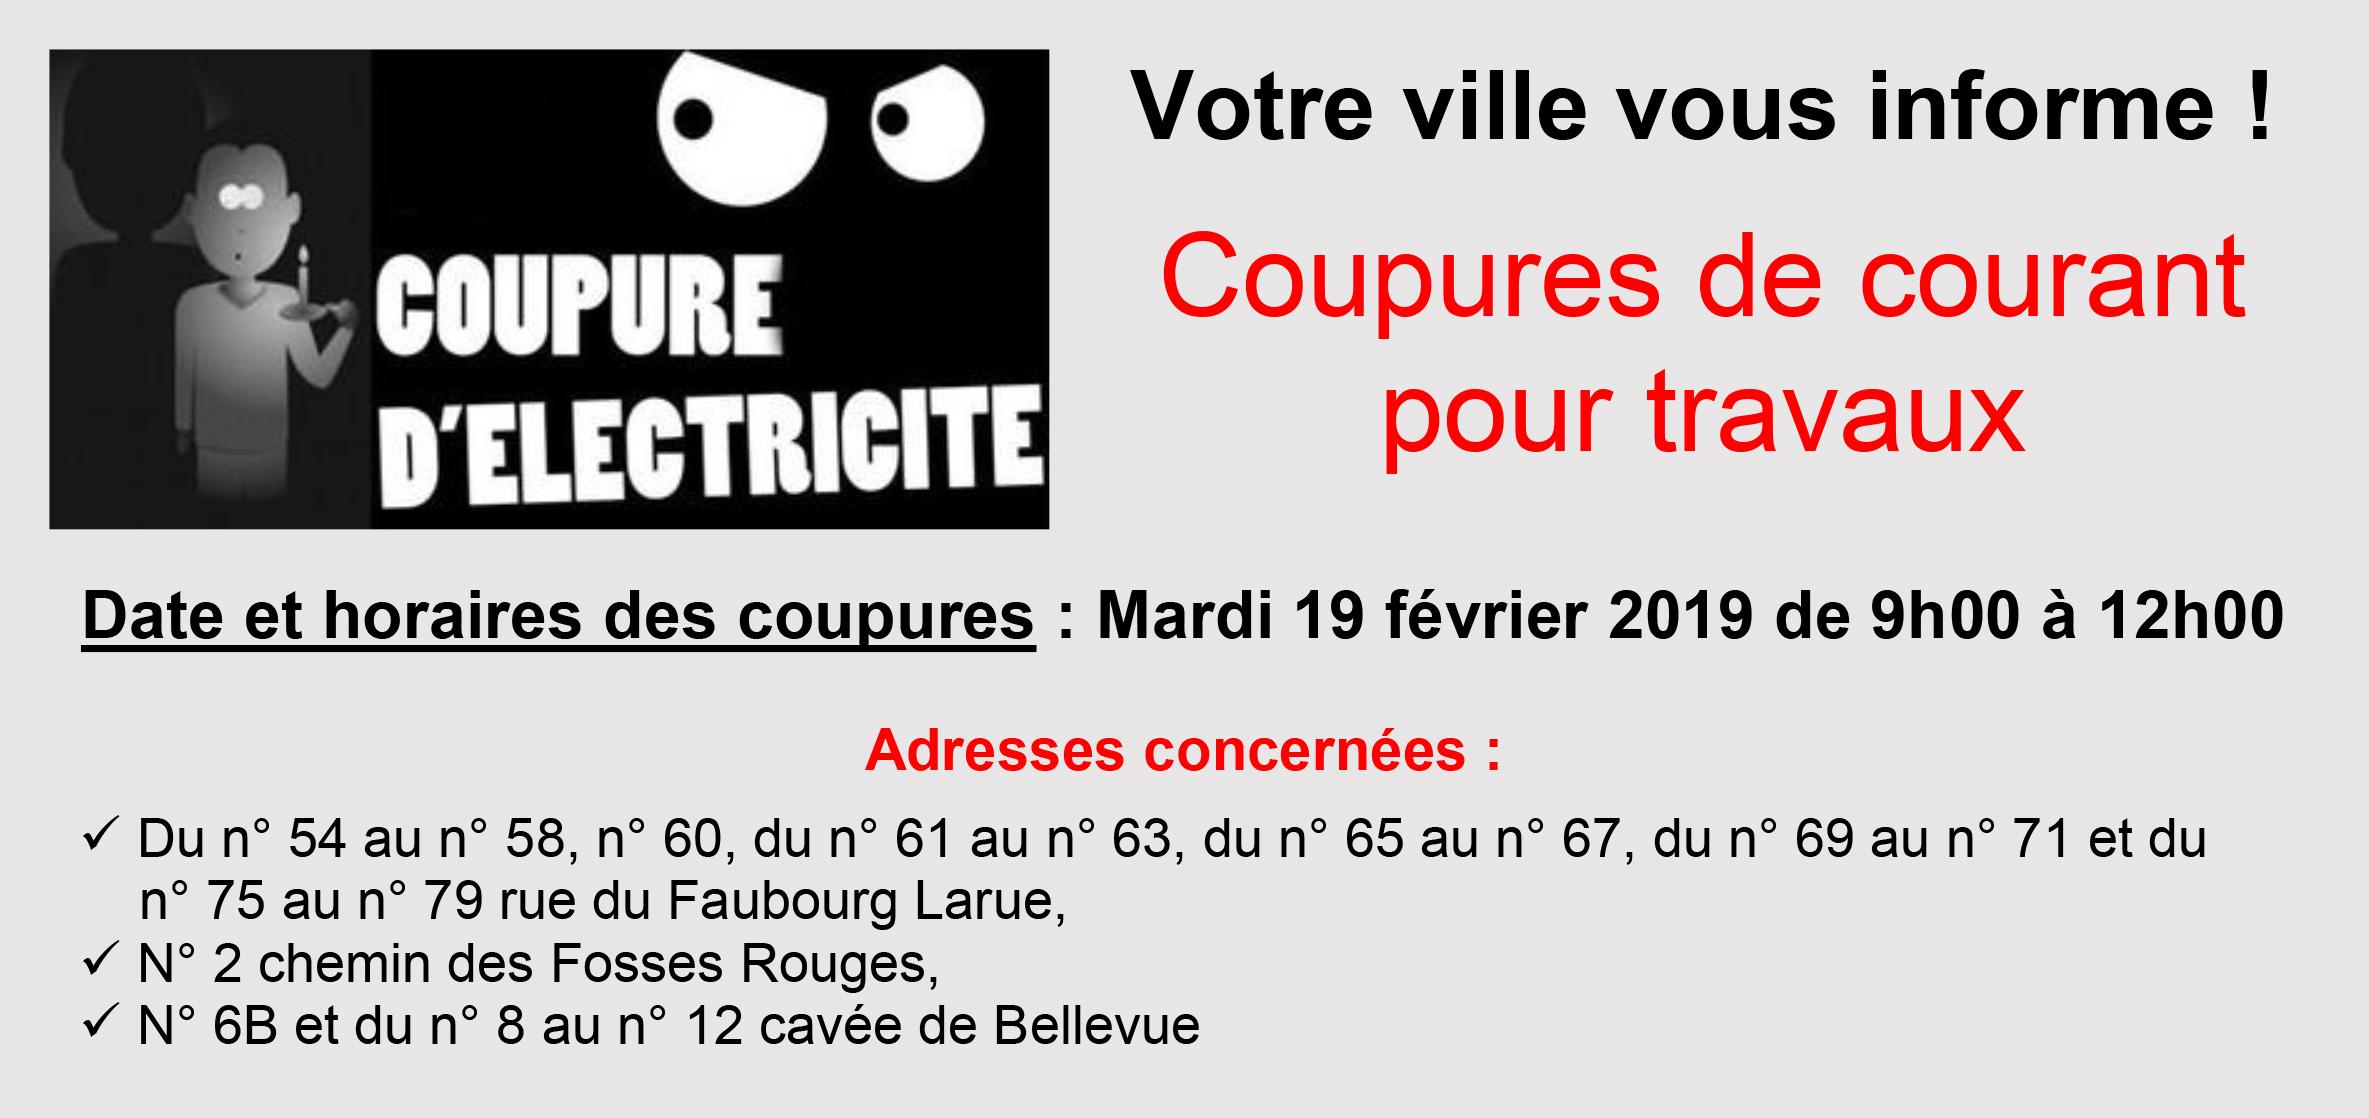 bandeau-coupures-electriques-du-19-fevrier-2019